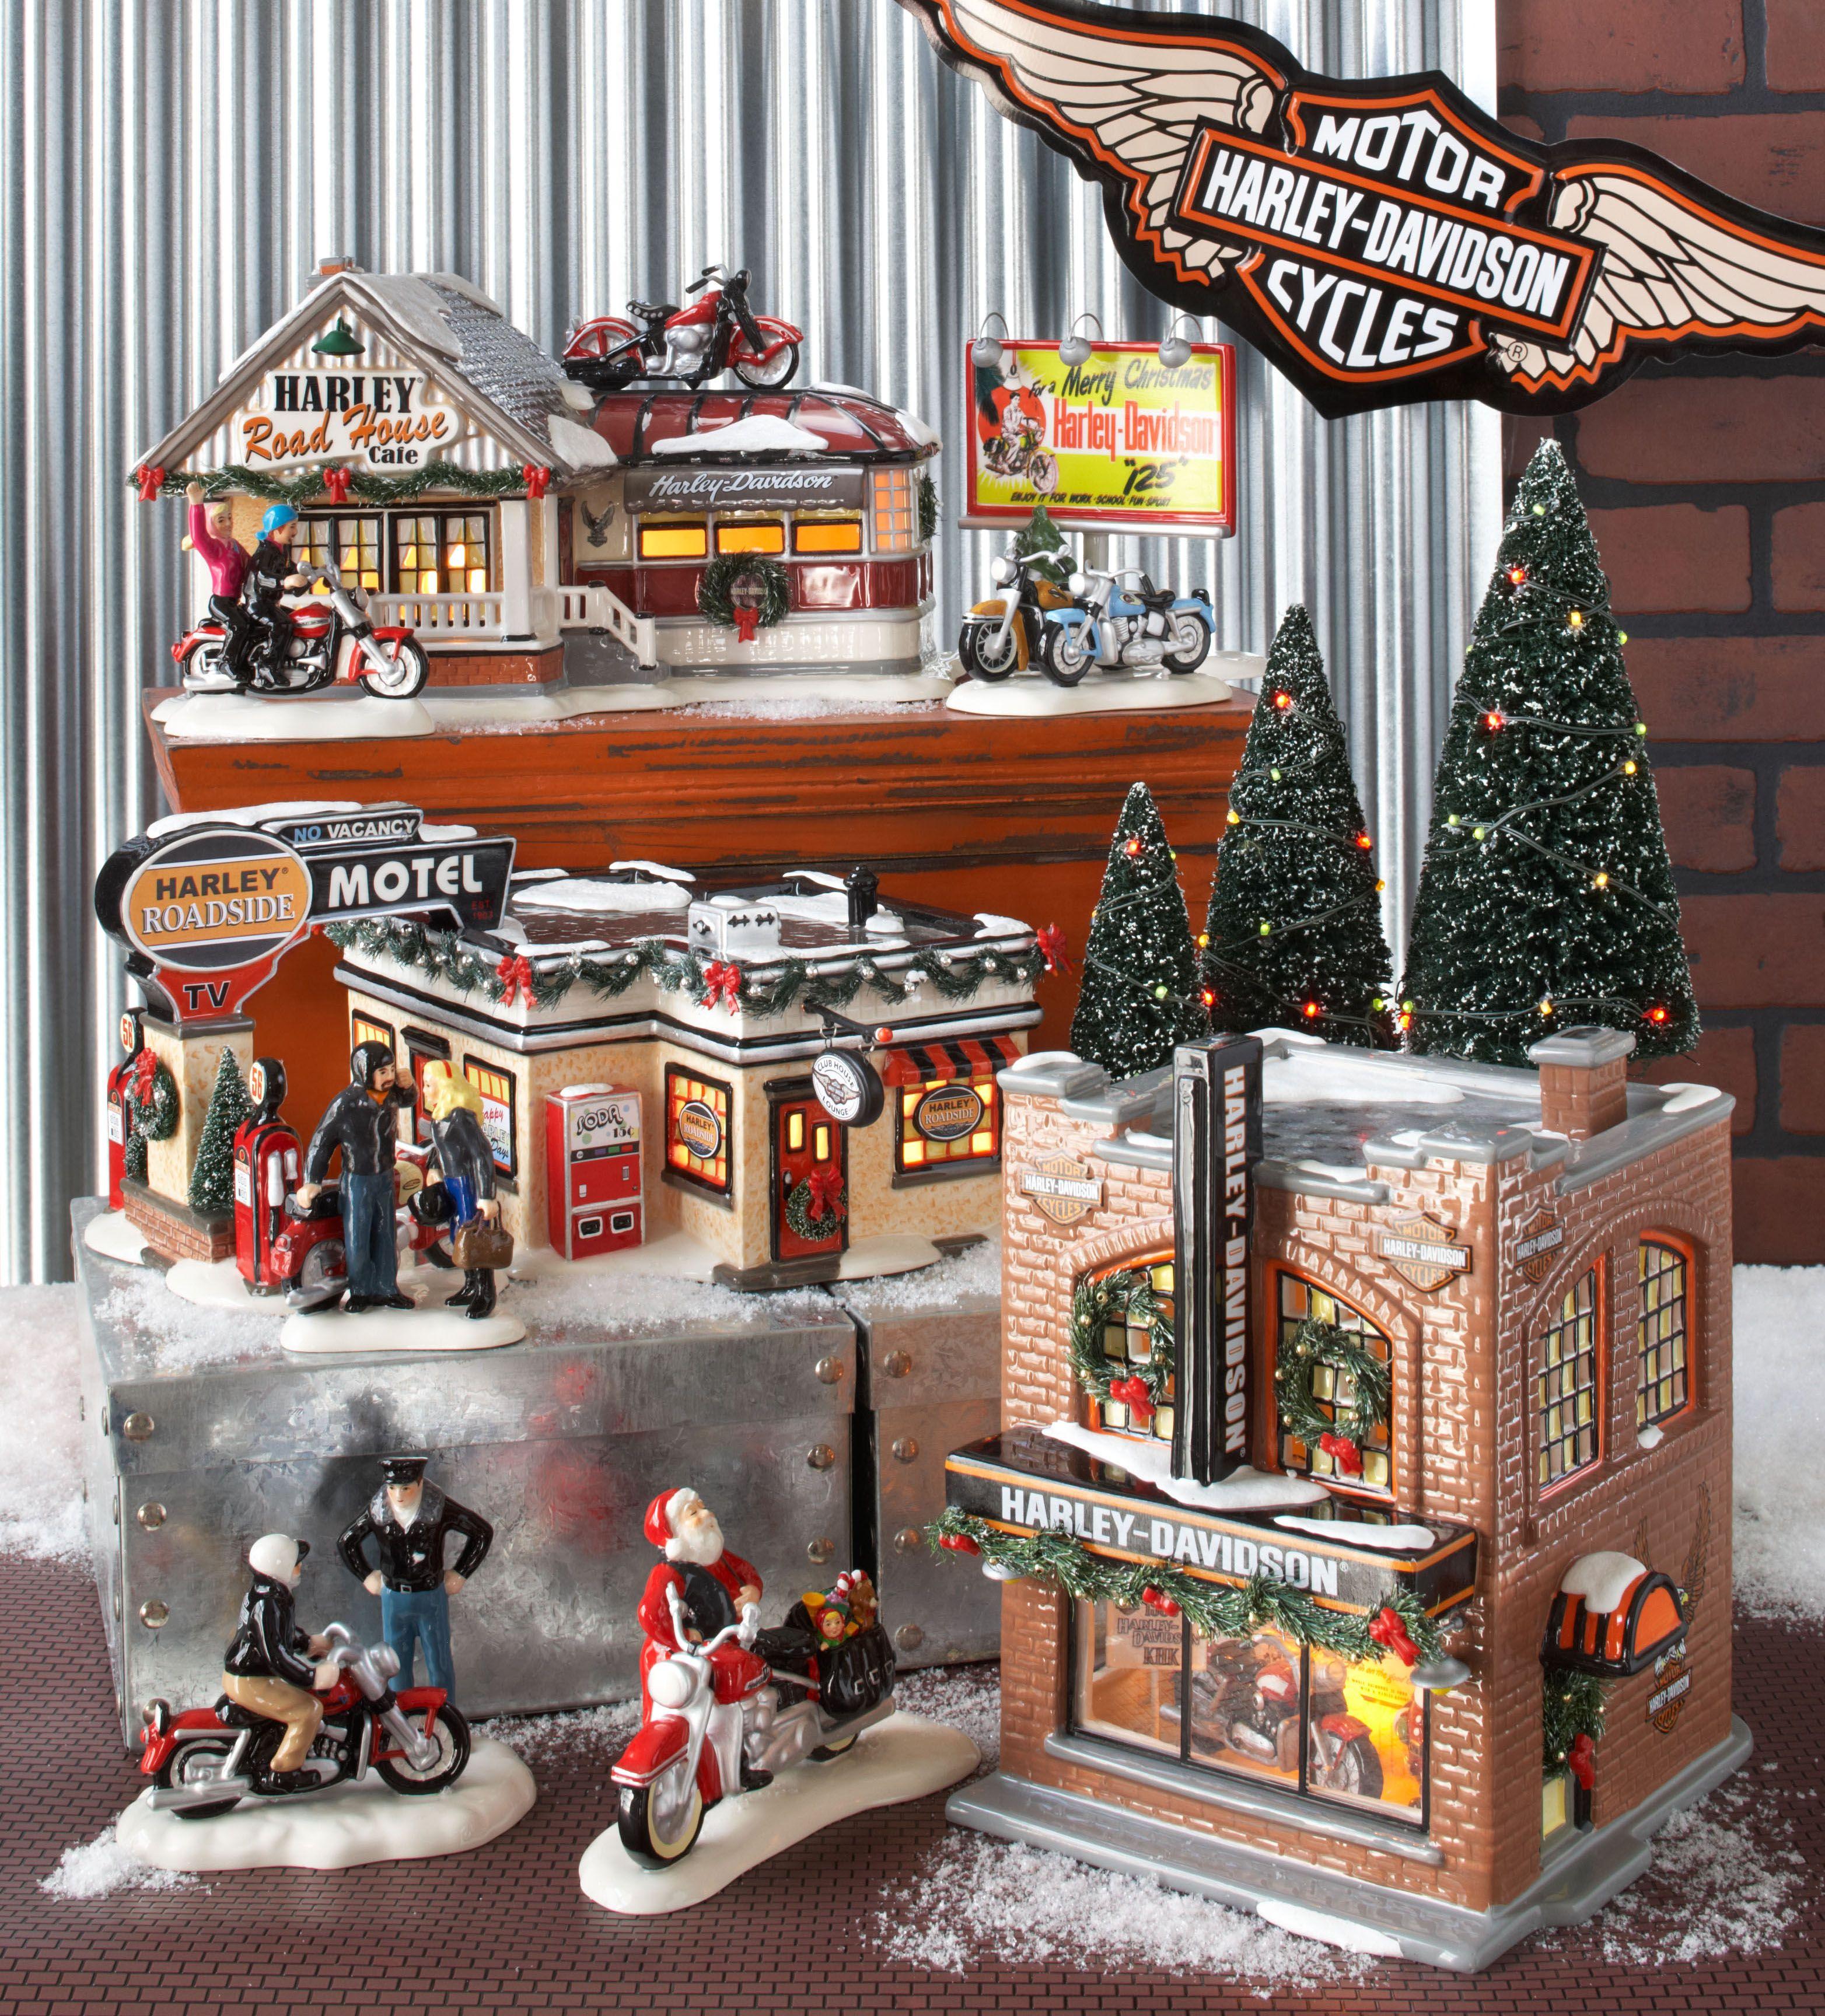 Department 56 Original Snow Village Harley Davidson Collection www ...